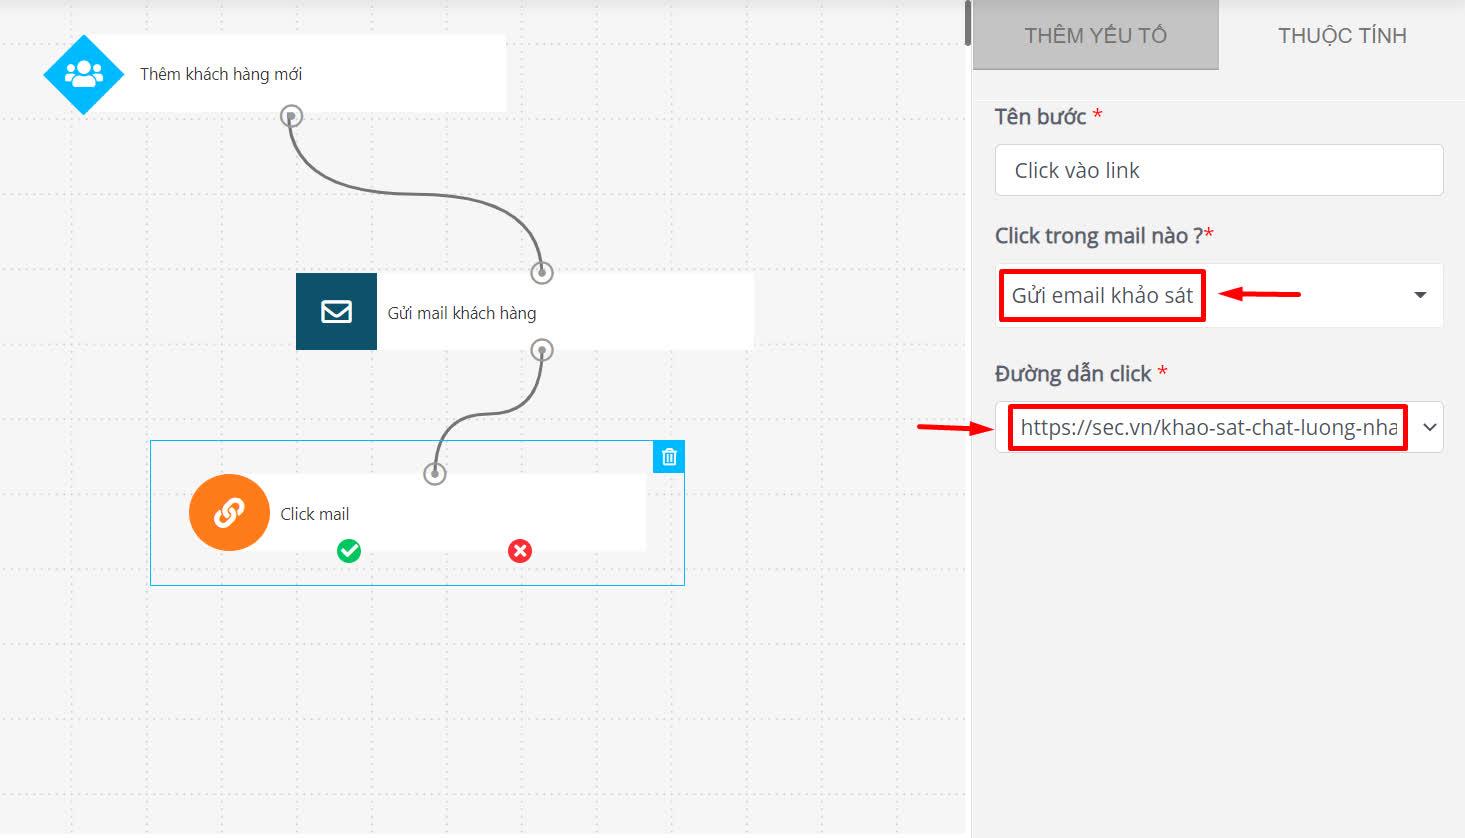 Kịch bản Email Automation mẫu cho Nhà hàng: Khảo sát và tặng voucher kích thích thực khách quay trở lại